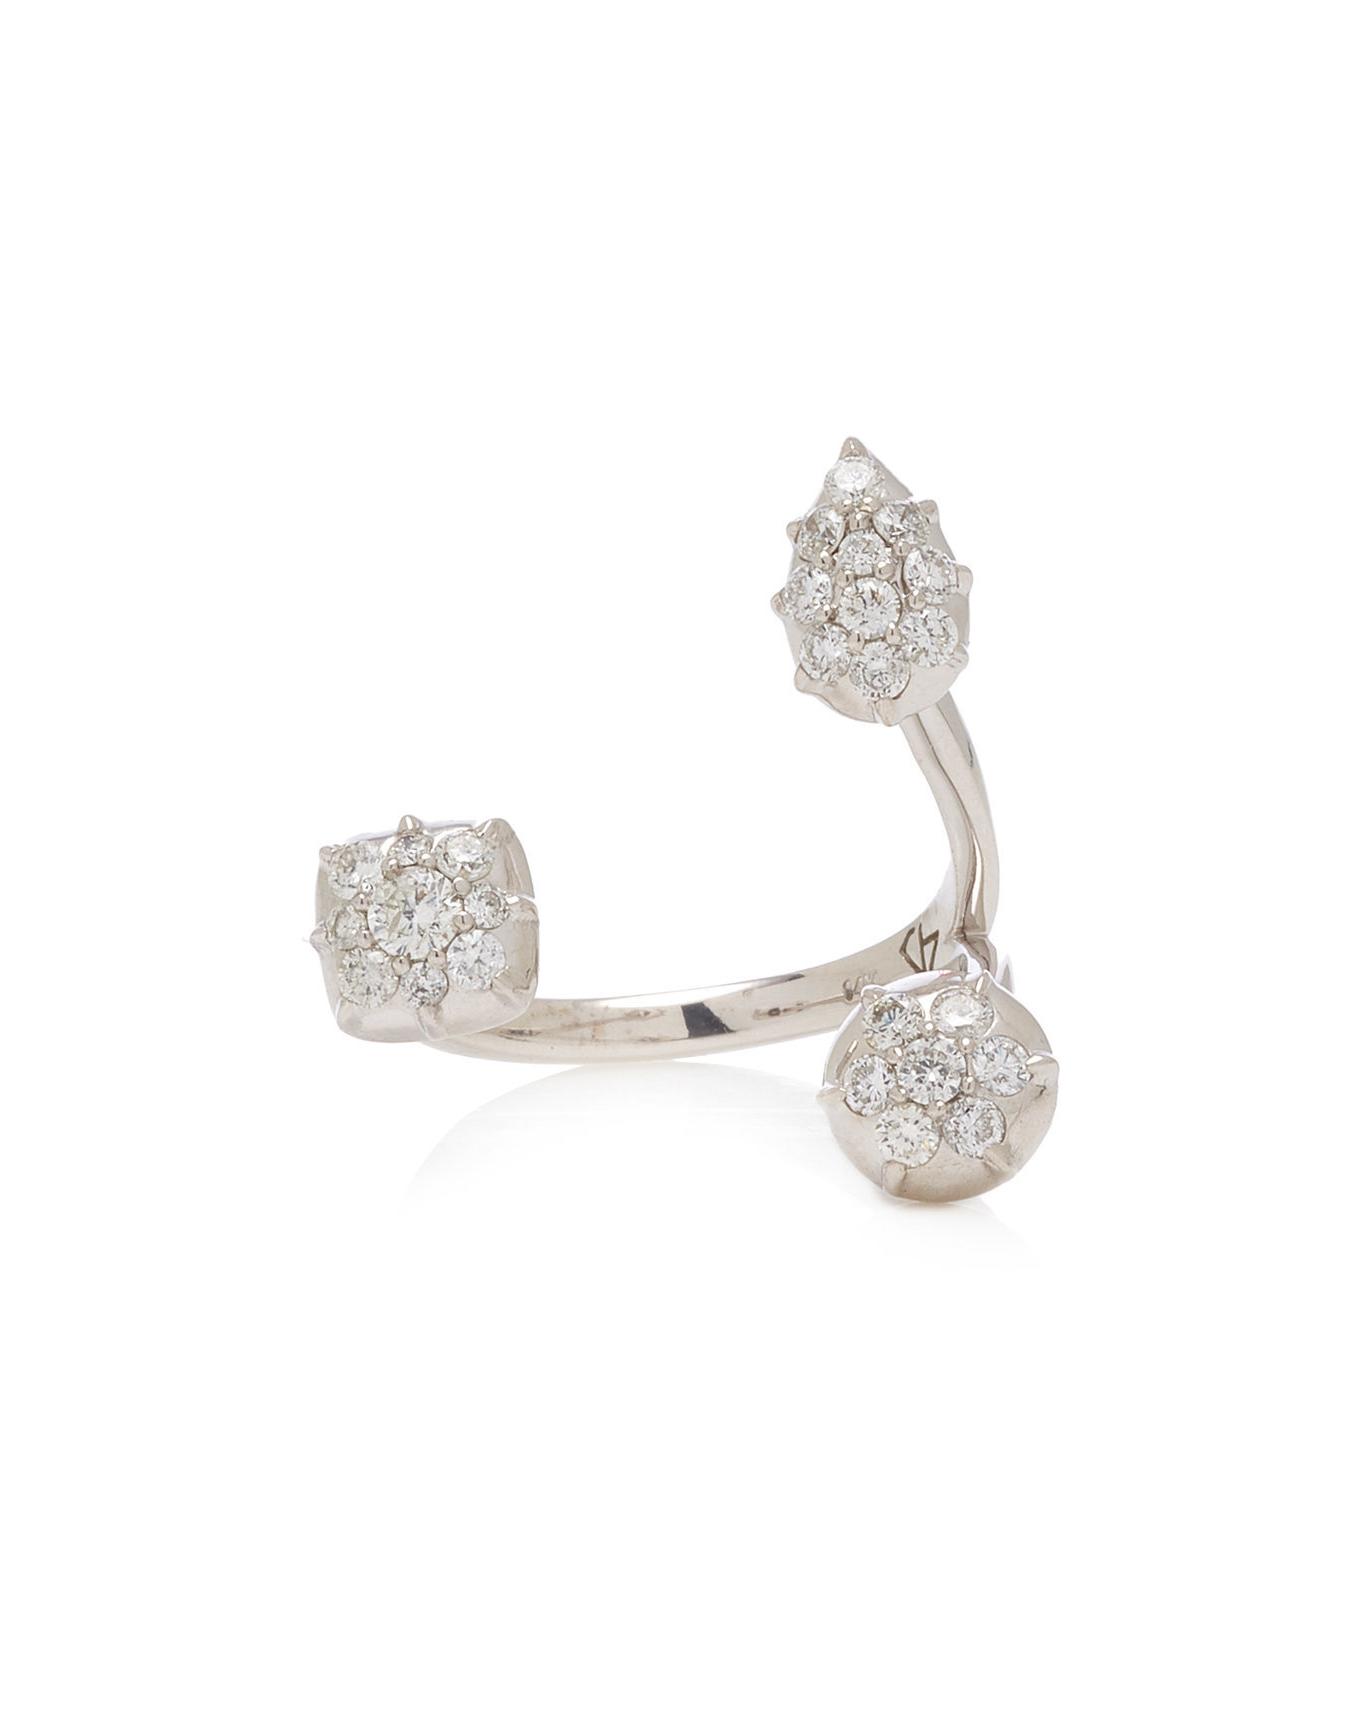 14-karat White Gold Diamond engagement Ring